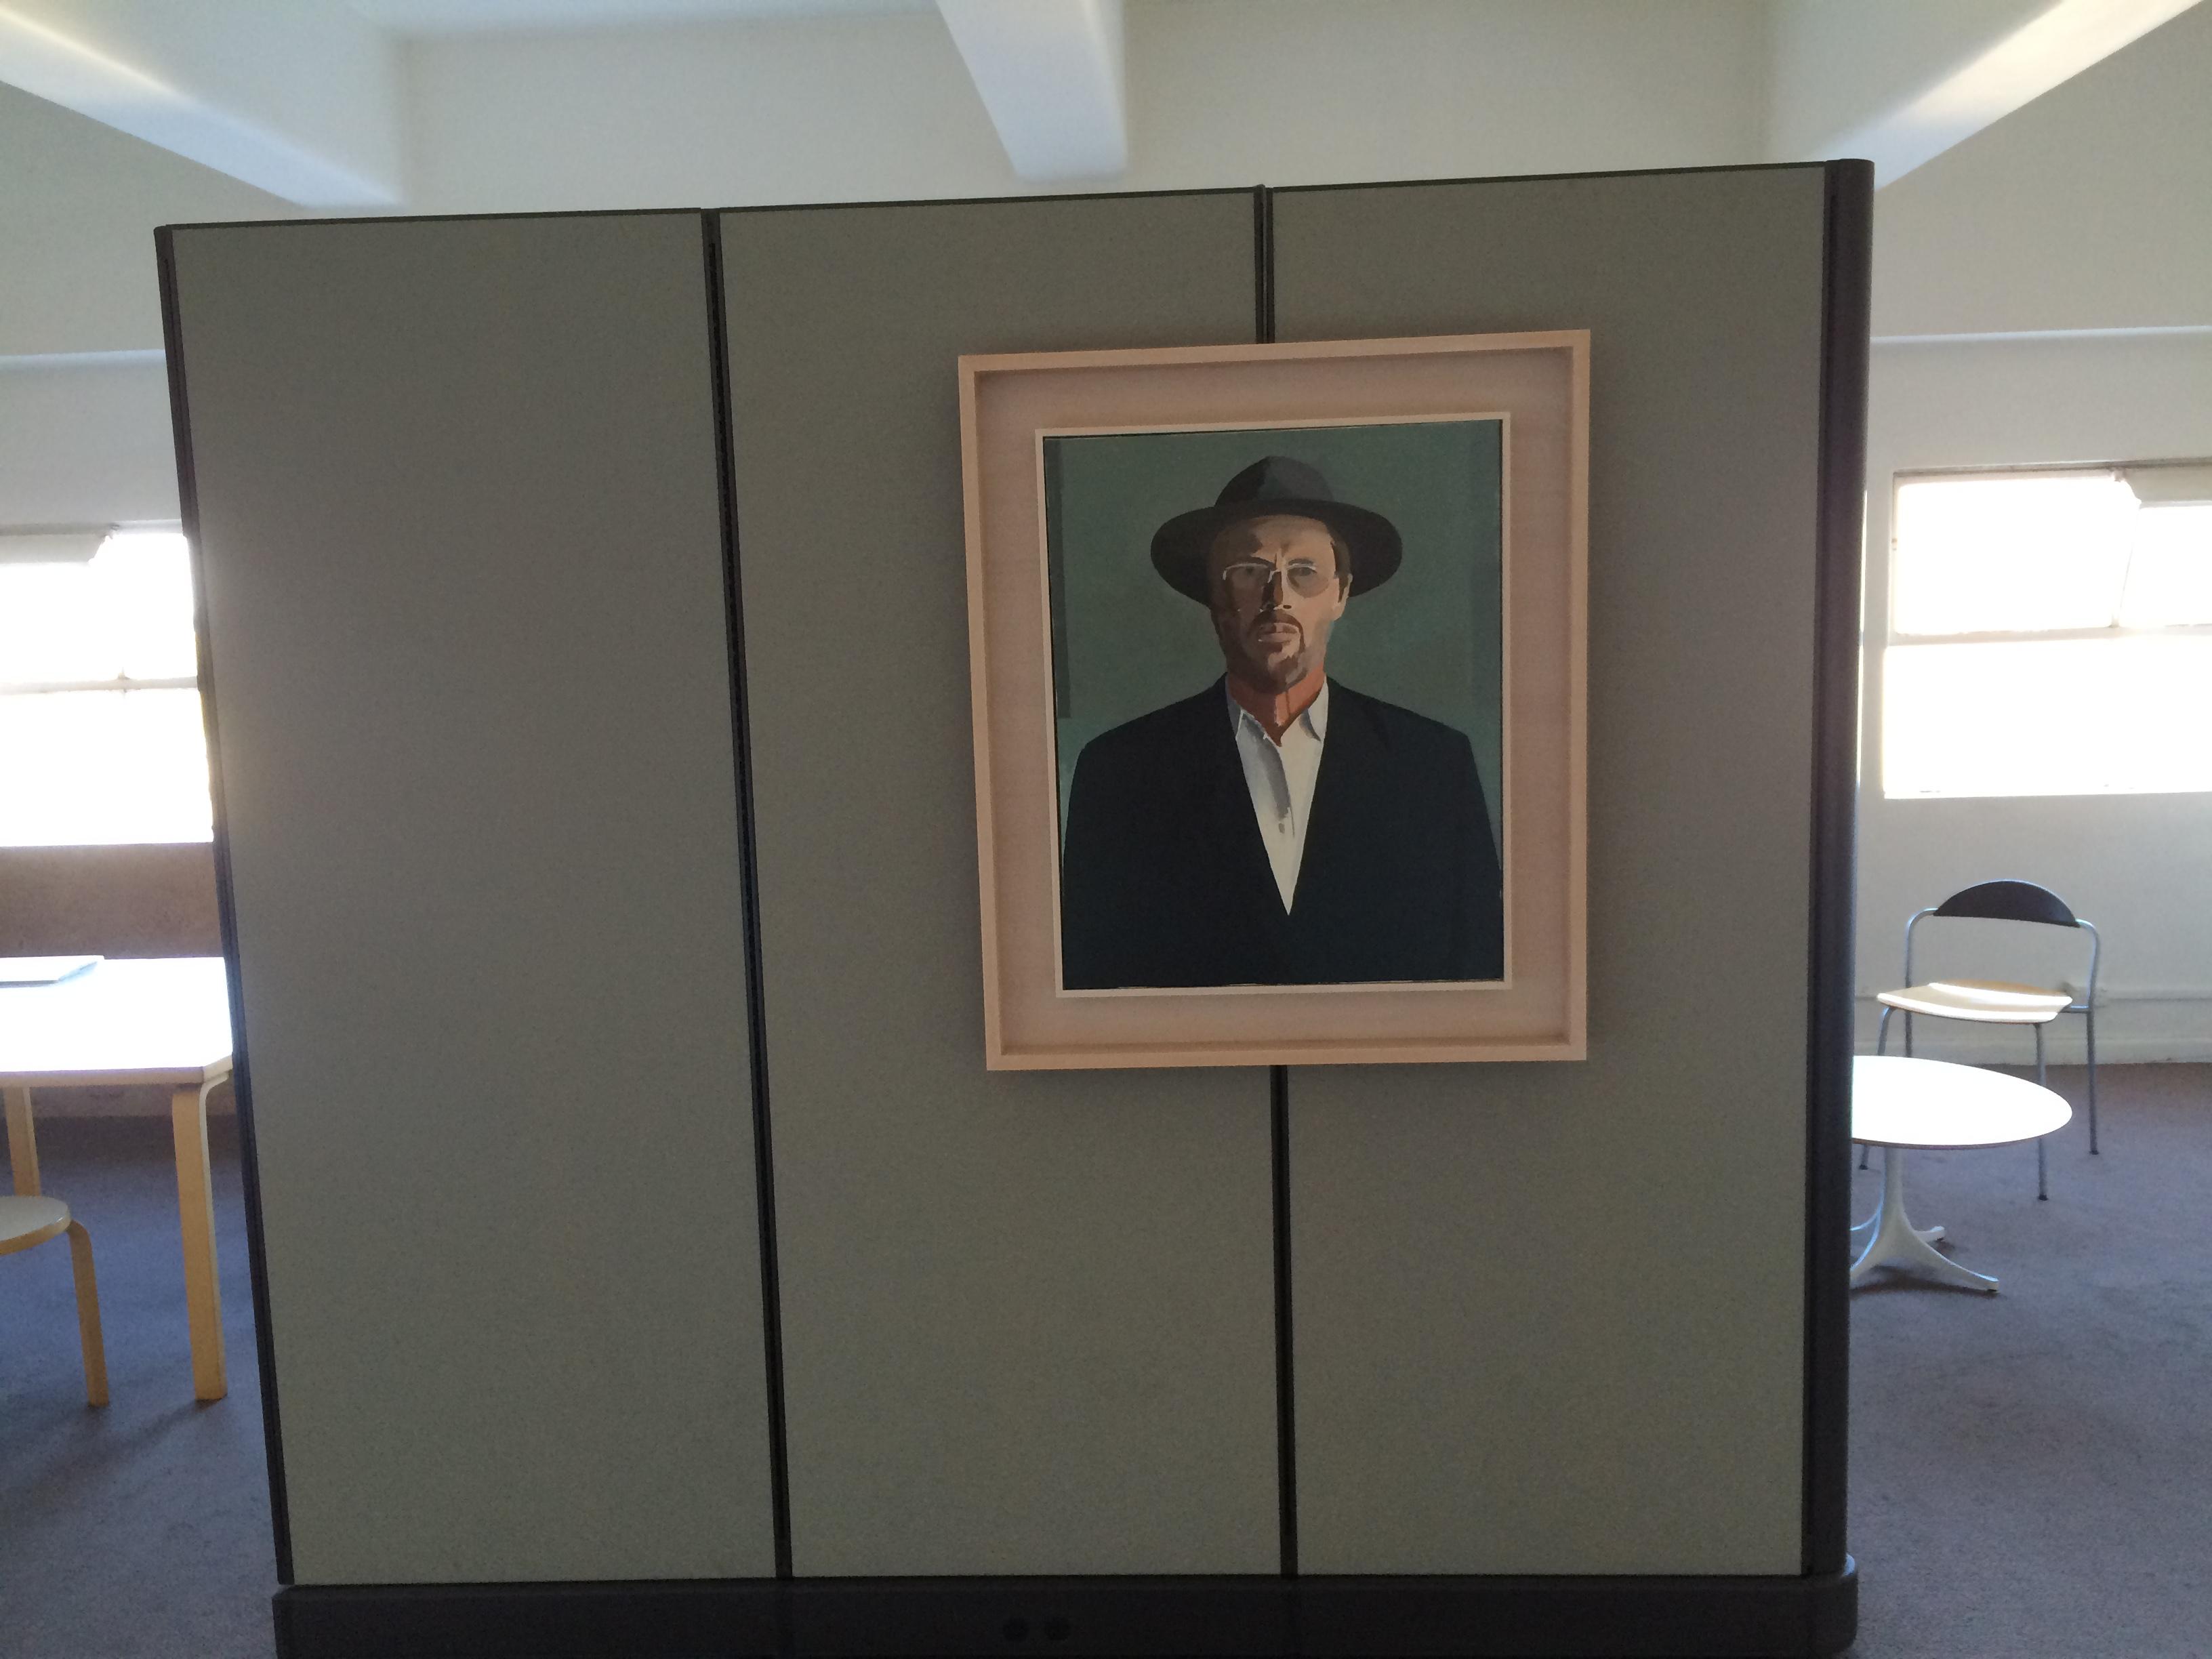 'Self Portrait as a Jew'